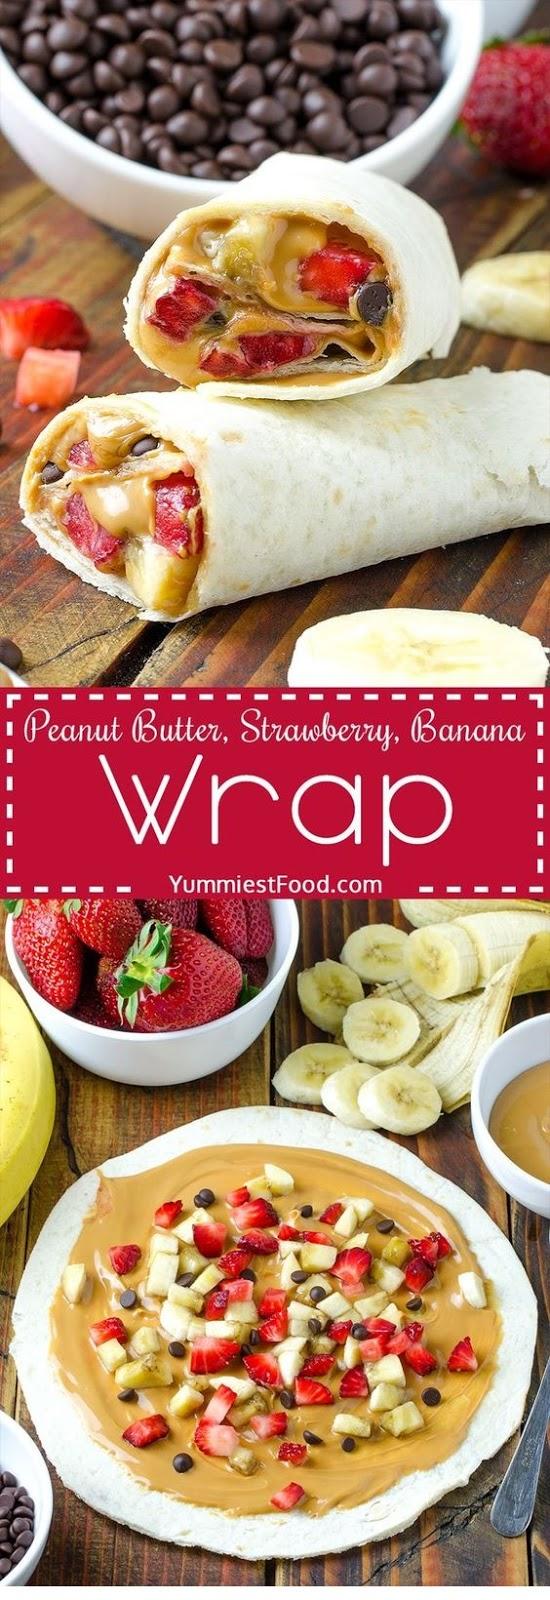 Healthy Peanut Butter, Strawberry, Banana Wrap Recipe